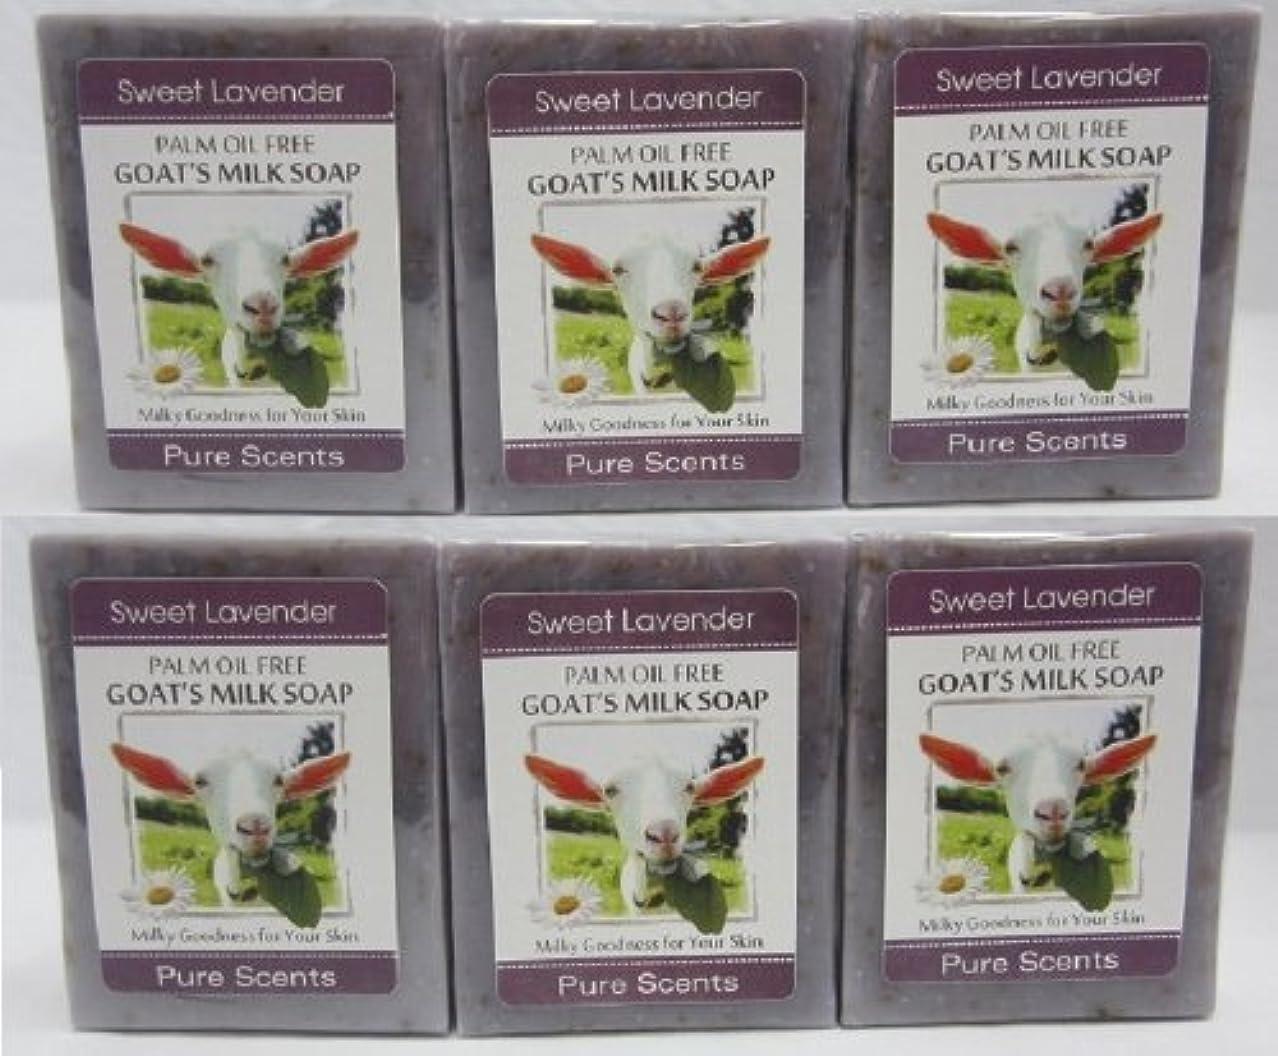 タウポ湖お風呂撤退【Pure Scents】Goat's Milk Soap ヤギのミルクせっけん 6個セット Sweet Lavender スイートラベンダー